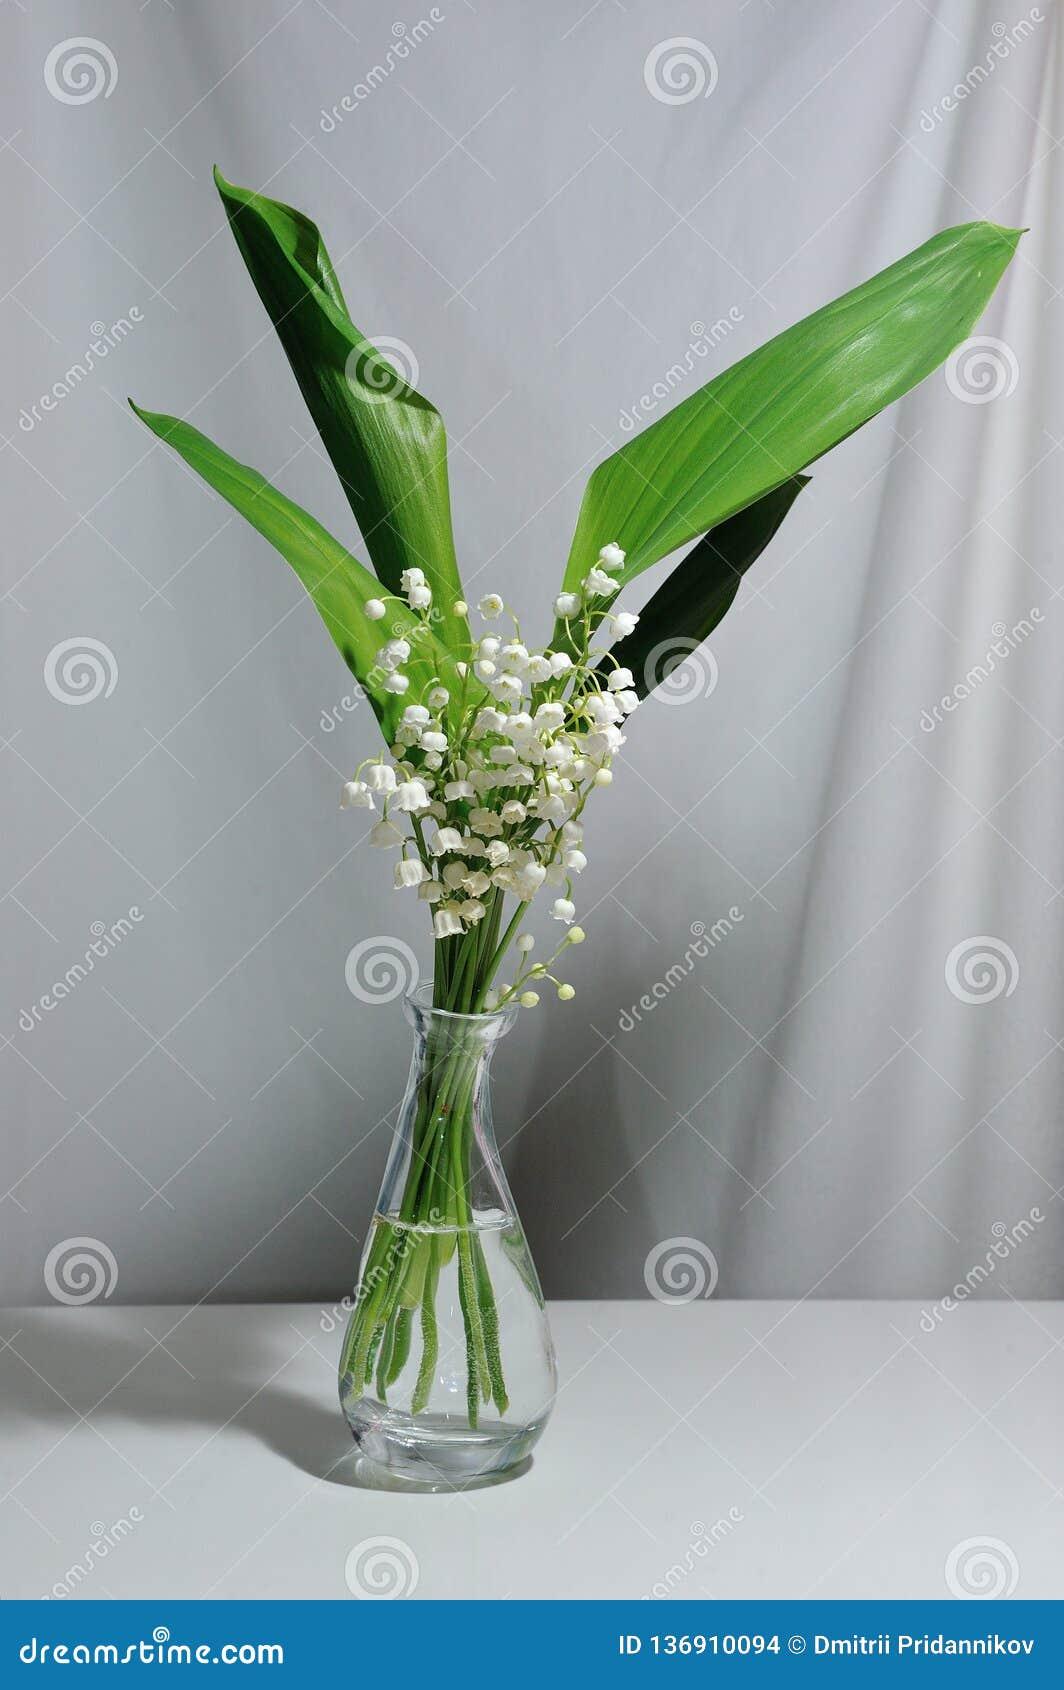 Maiglöckchenblumen in einem transparenten Vase